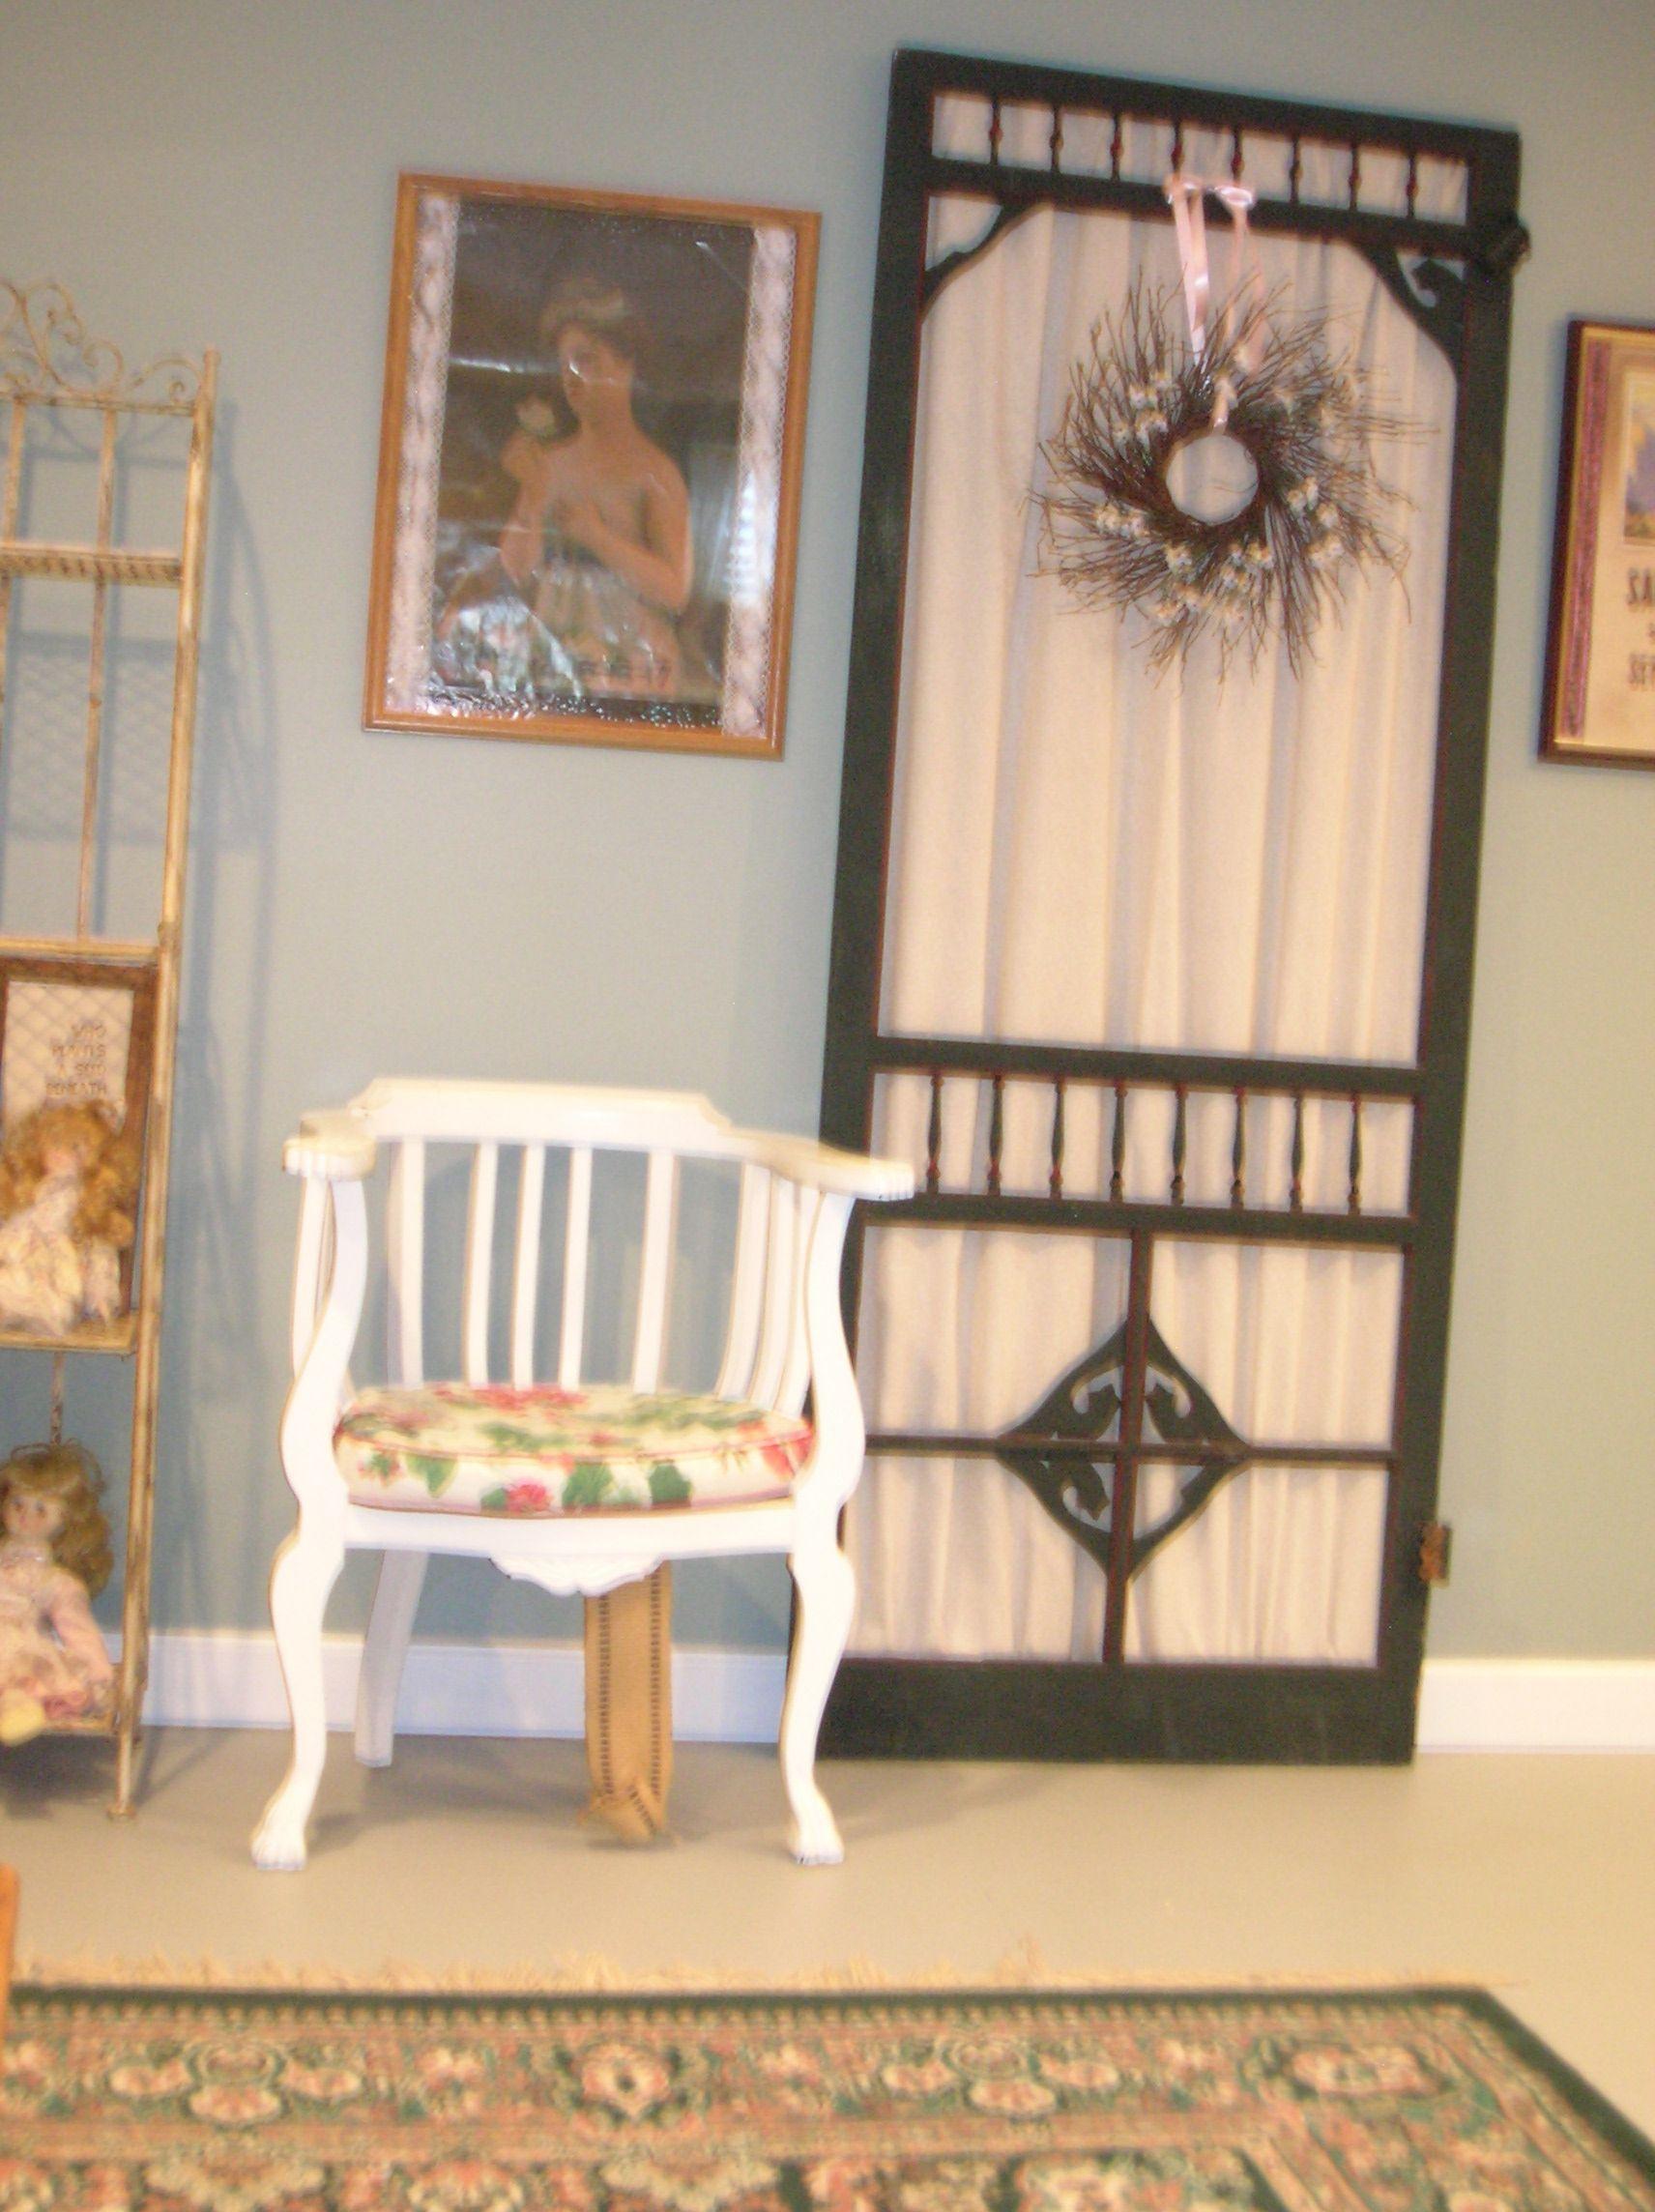 Old Screen Door Painted Yard Sale Chair In My Basement Garden Room